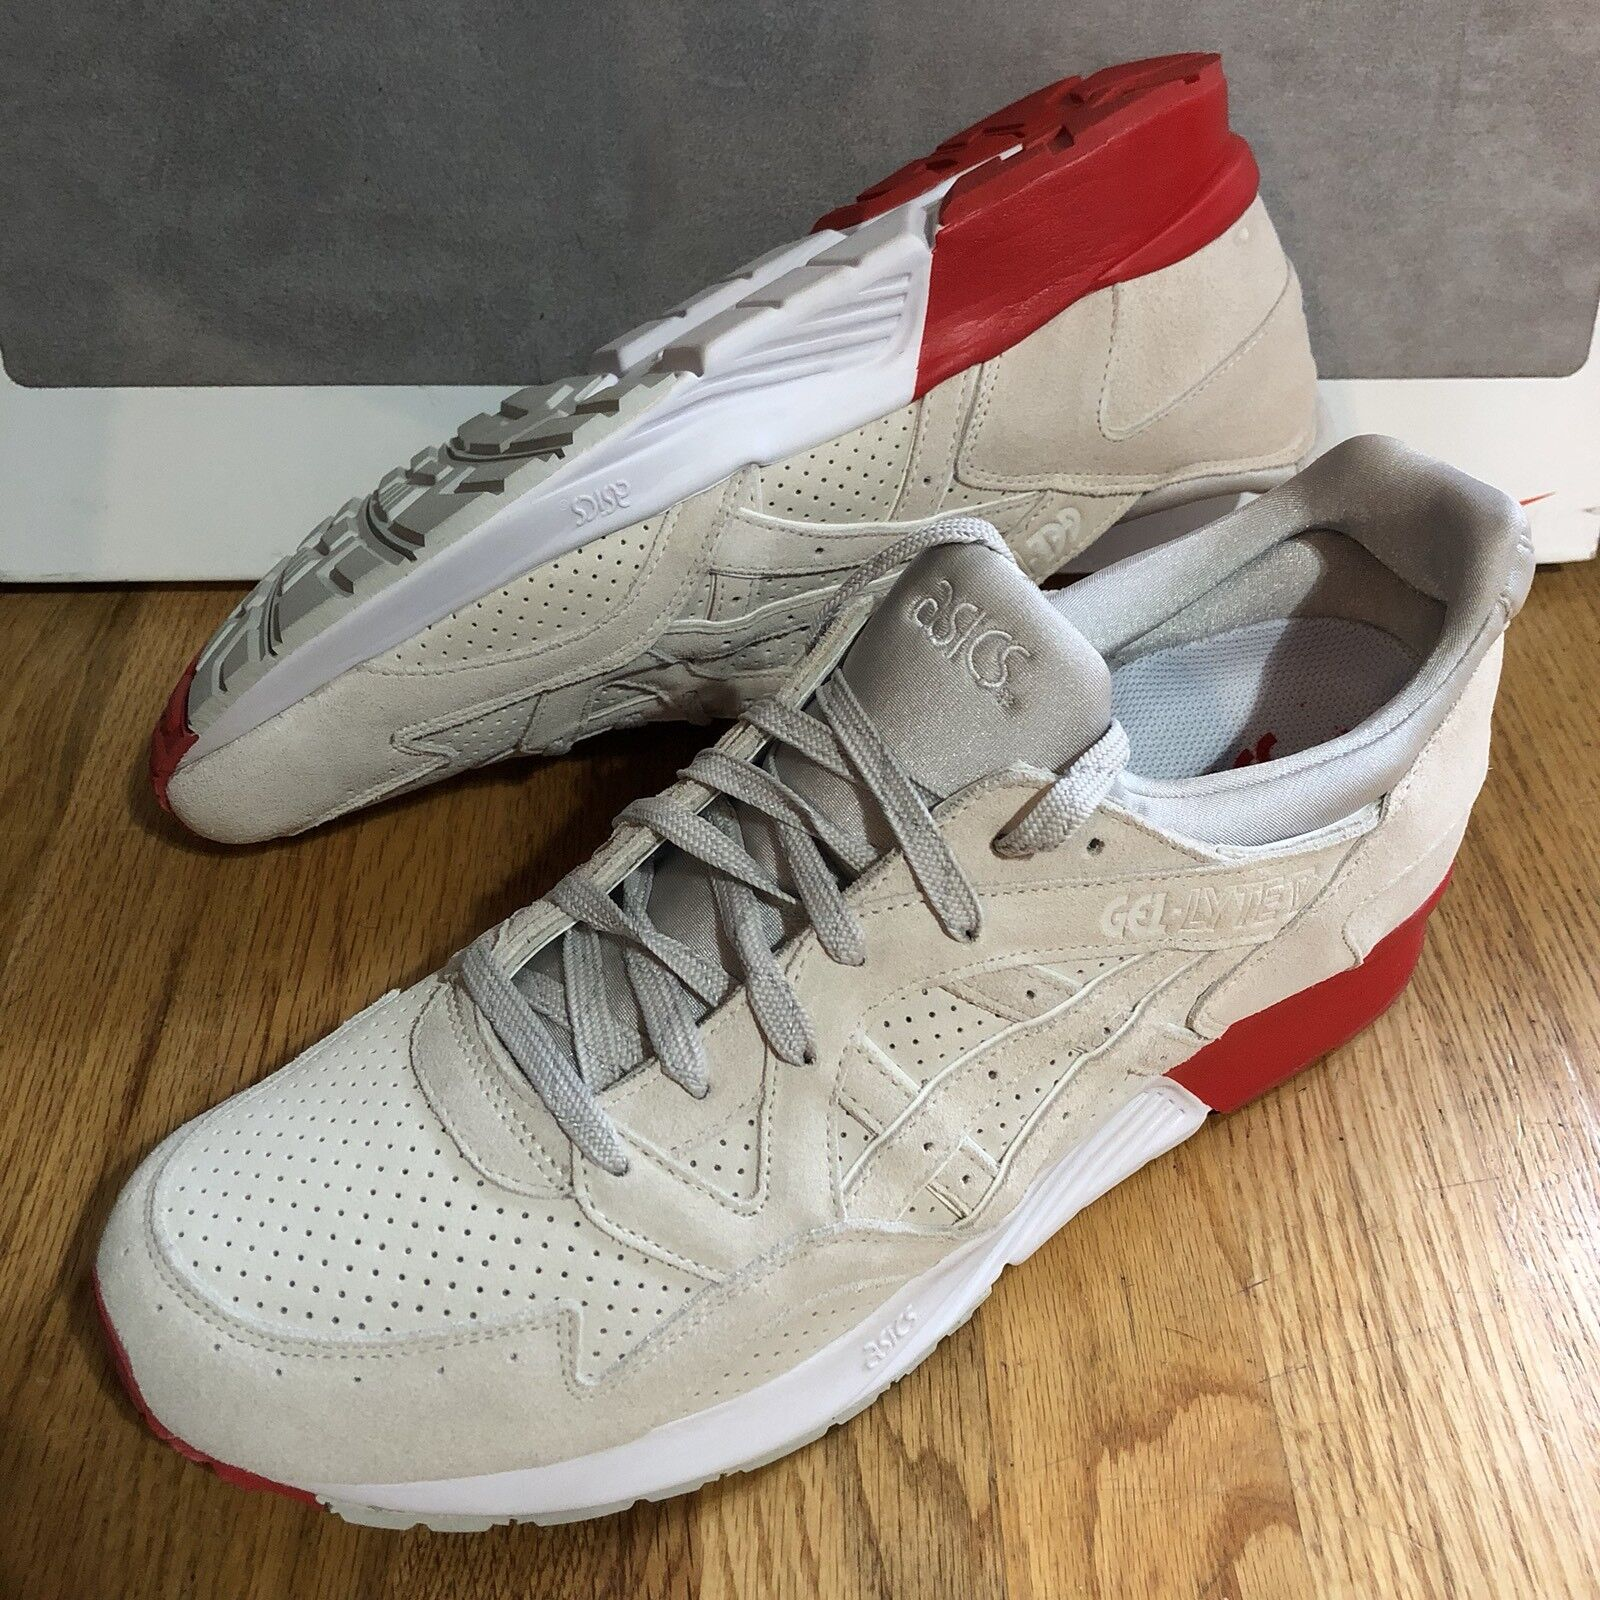 Cocaína cobra Asics Gel Lyte Para Hombre Correr Atléticos Zapatos blancoo Rojo Nuevo